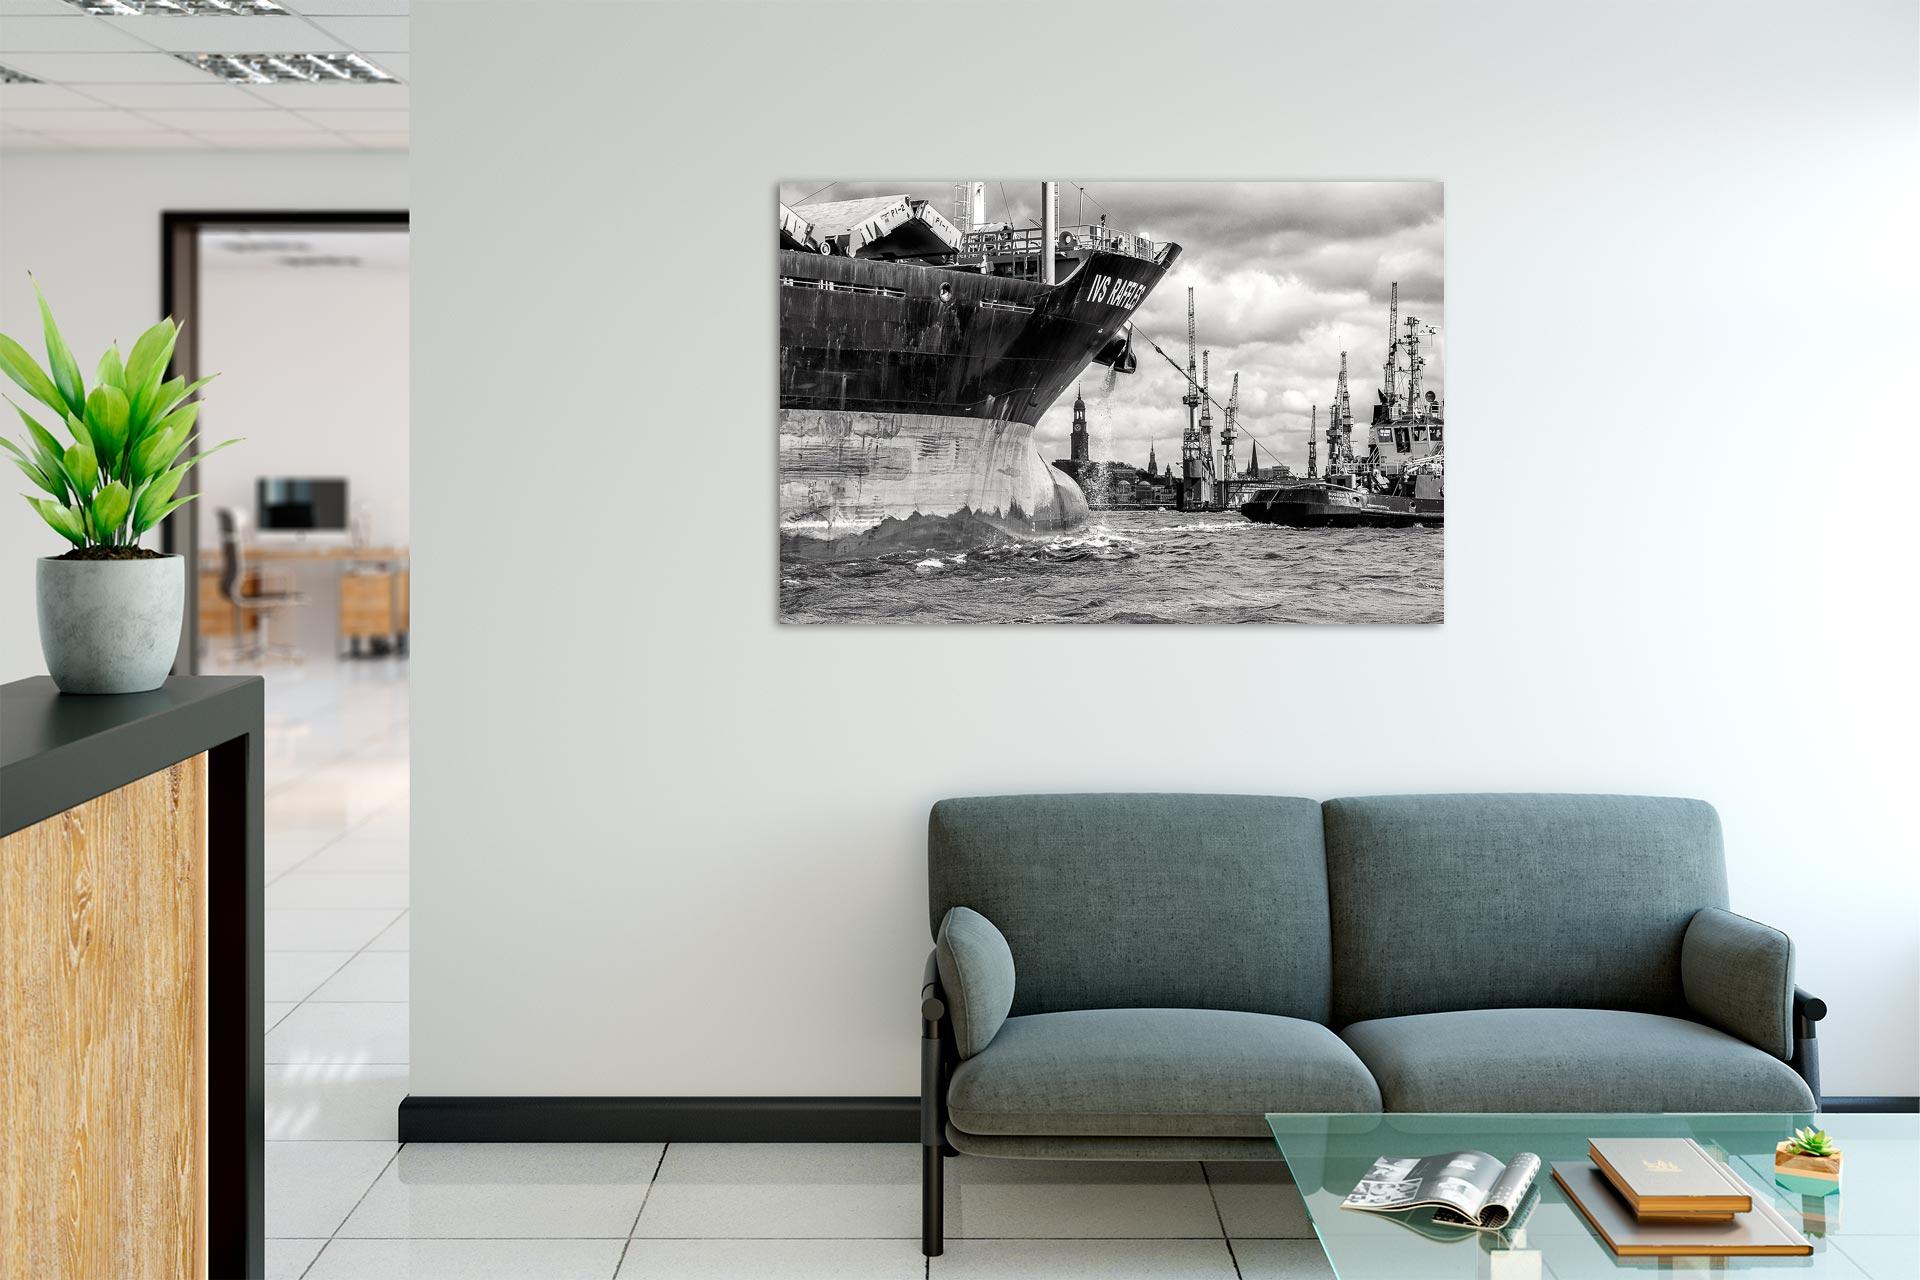 LSW095-kurs-hamburg-wandbild-auf-leinwand-acrylglas-aludibond-empfang